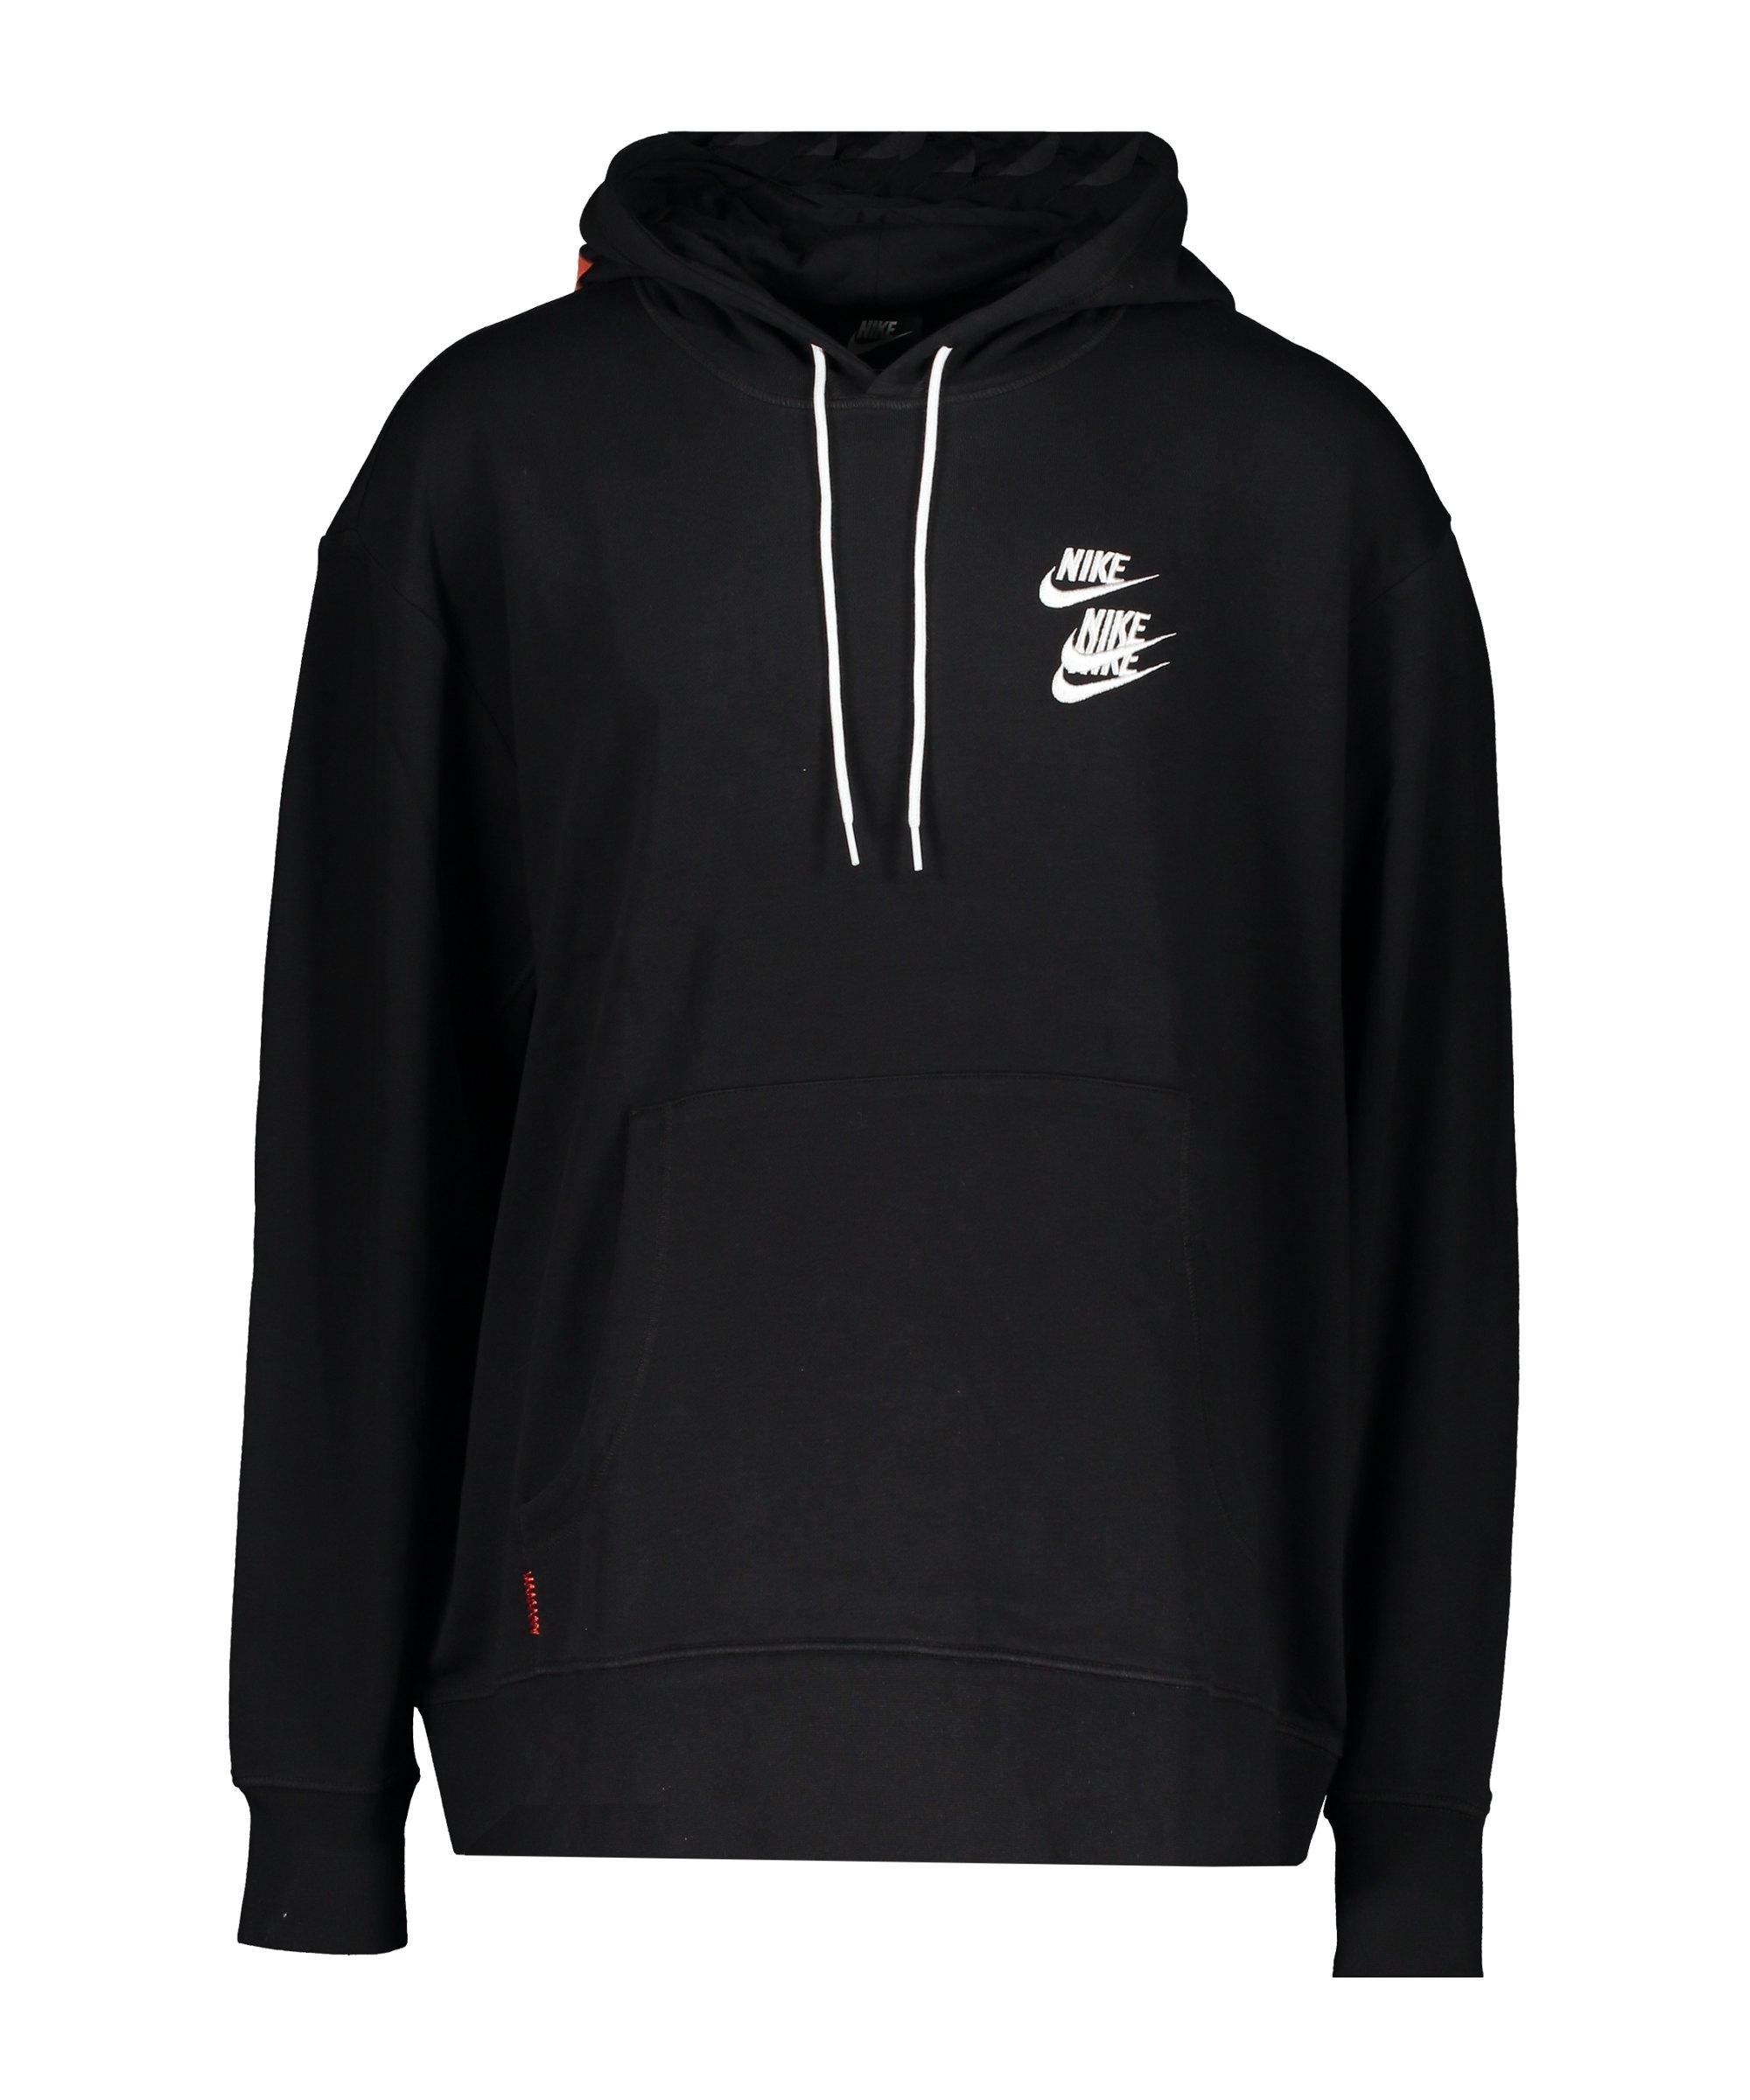 Nike World Tour Hoody Schwarz F010 - schwarz